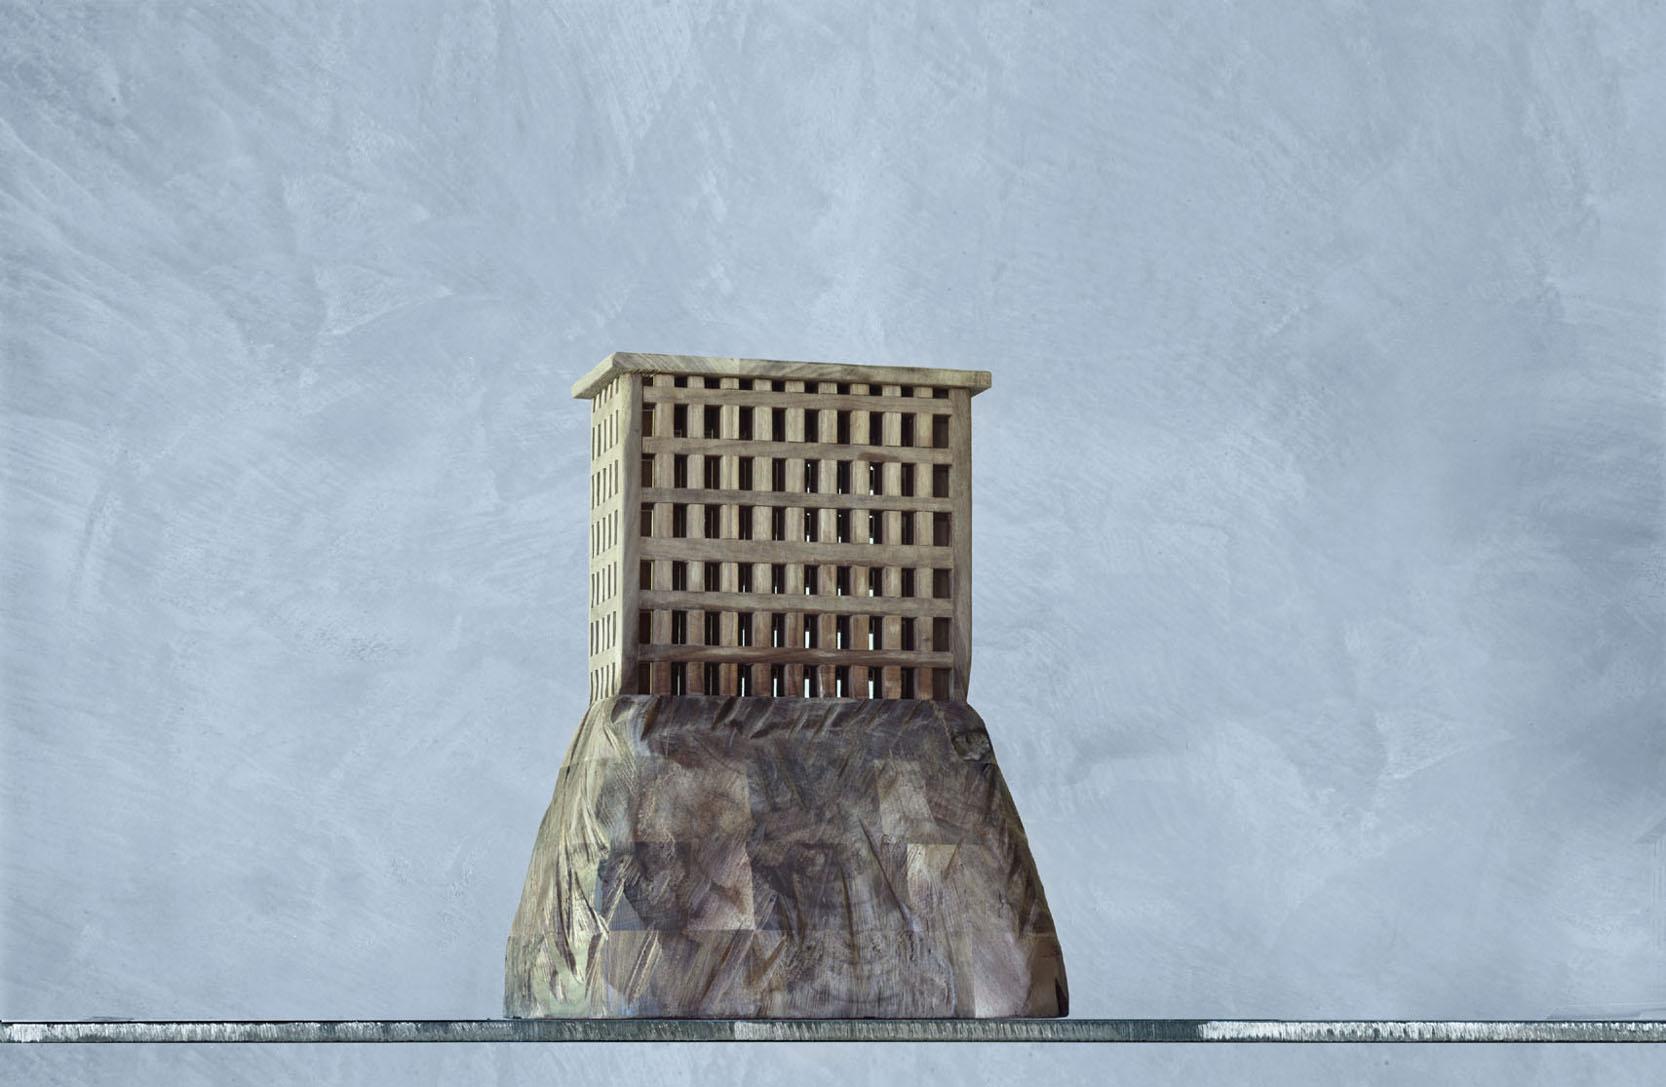 mostre michele de lucchi montagne elogio del legno di giulia russo press tletter. Black Bedroom Furniture Sets. Home Design Ideas